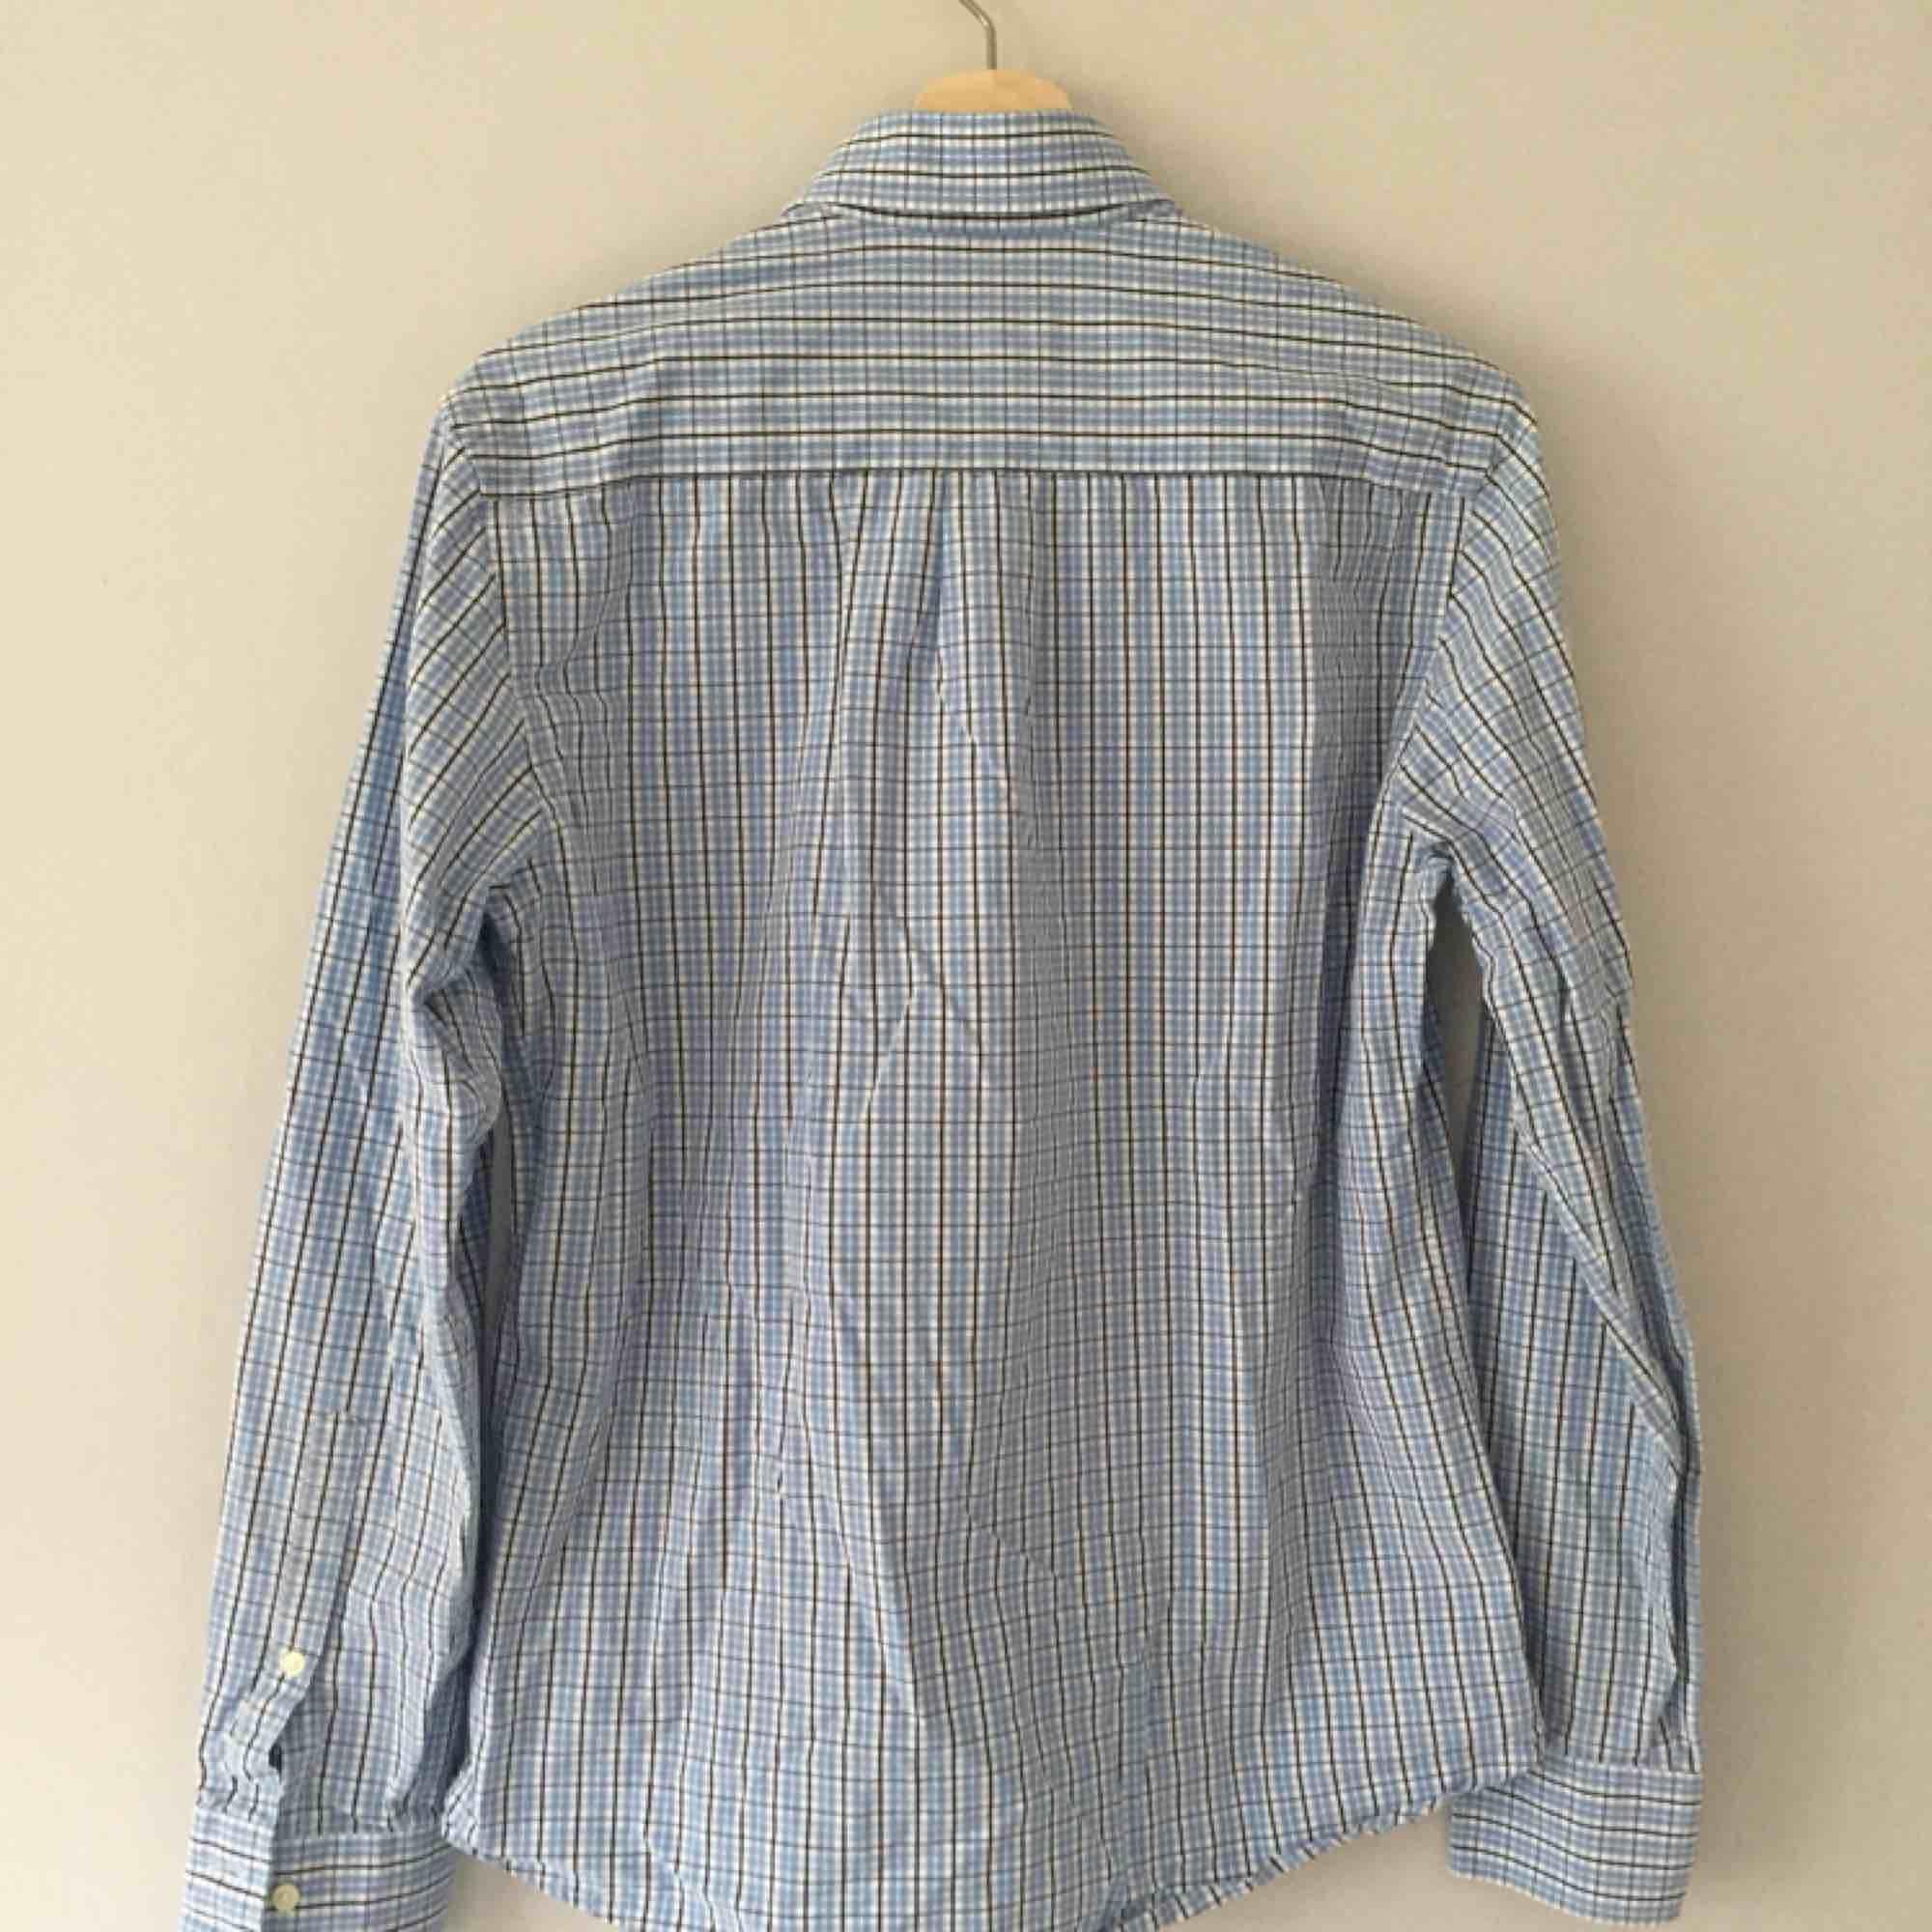 Peak Performance skjorta, storlek S men liten i storleken . Skjortor.